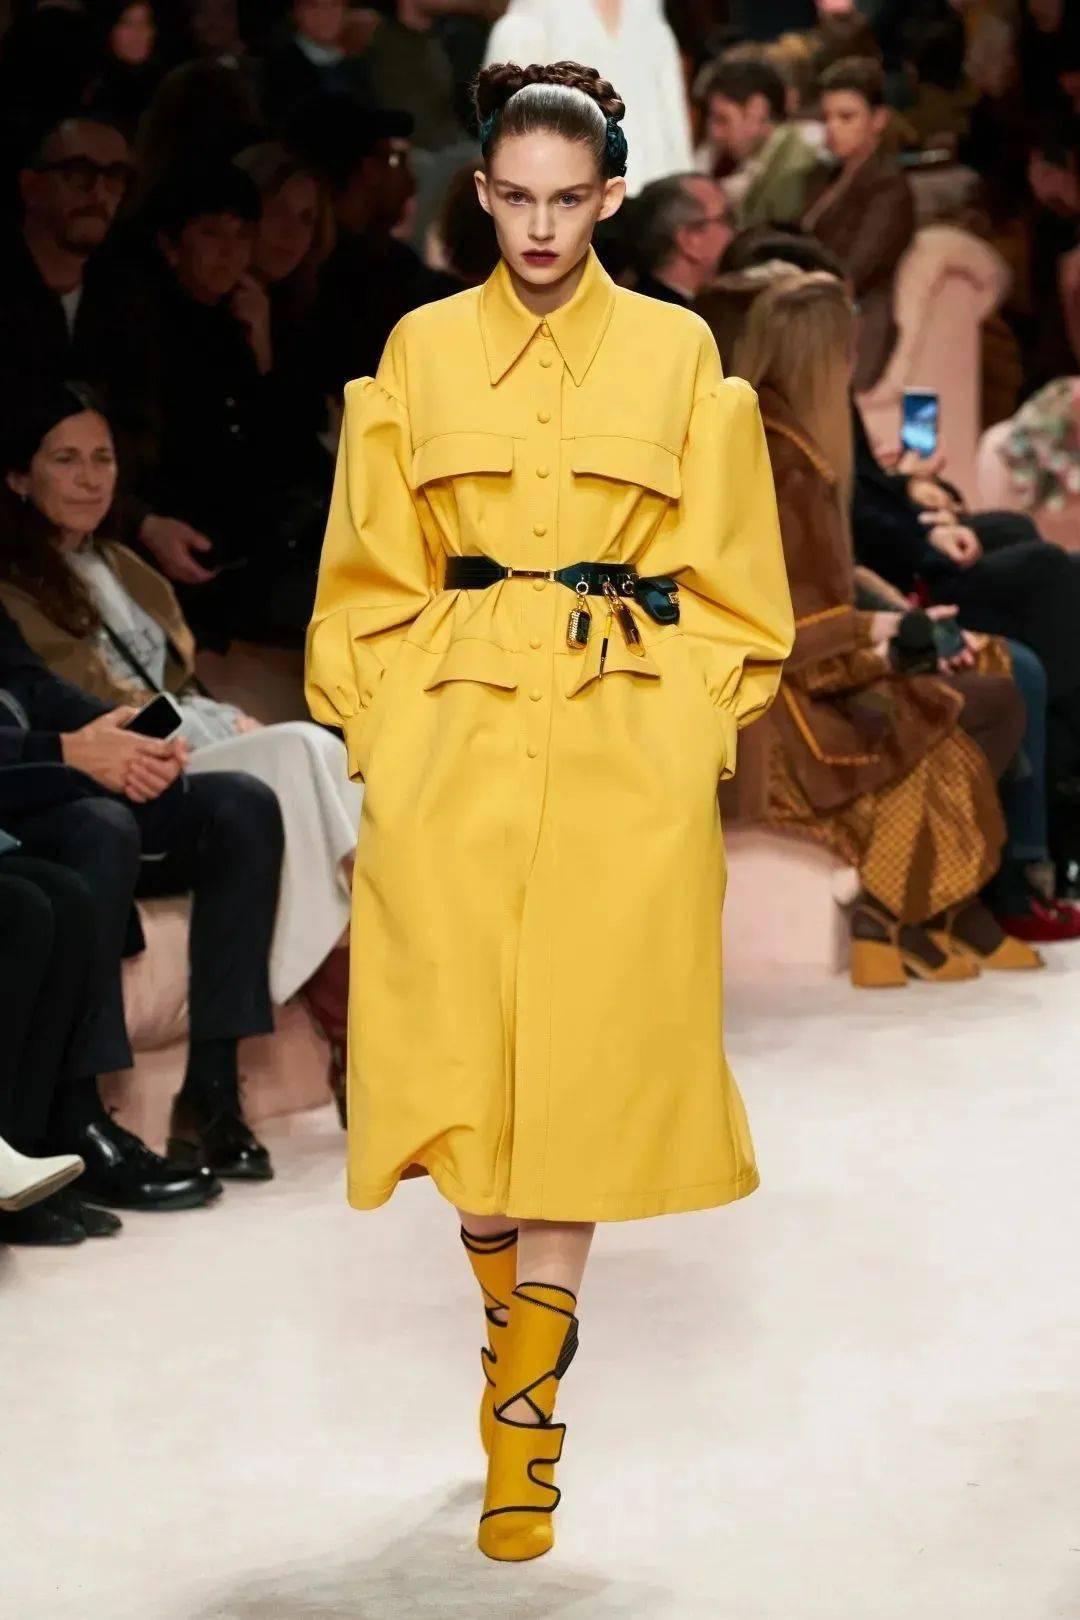 色彩趋势 | 在时尚领域,怎样才能走向辉煌(灰黄)?